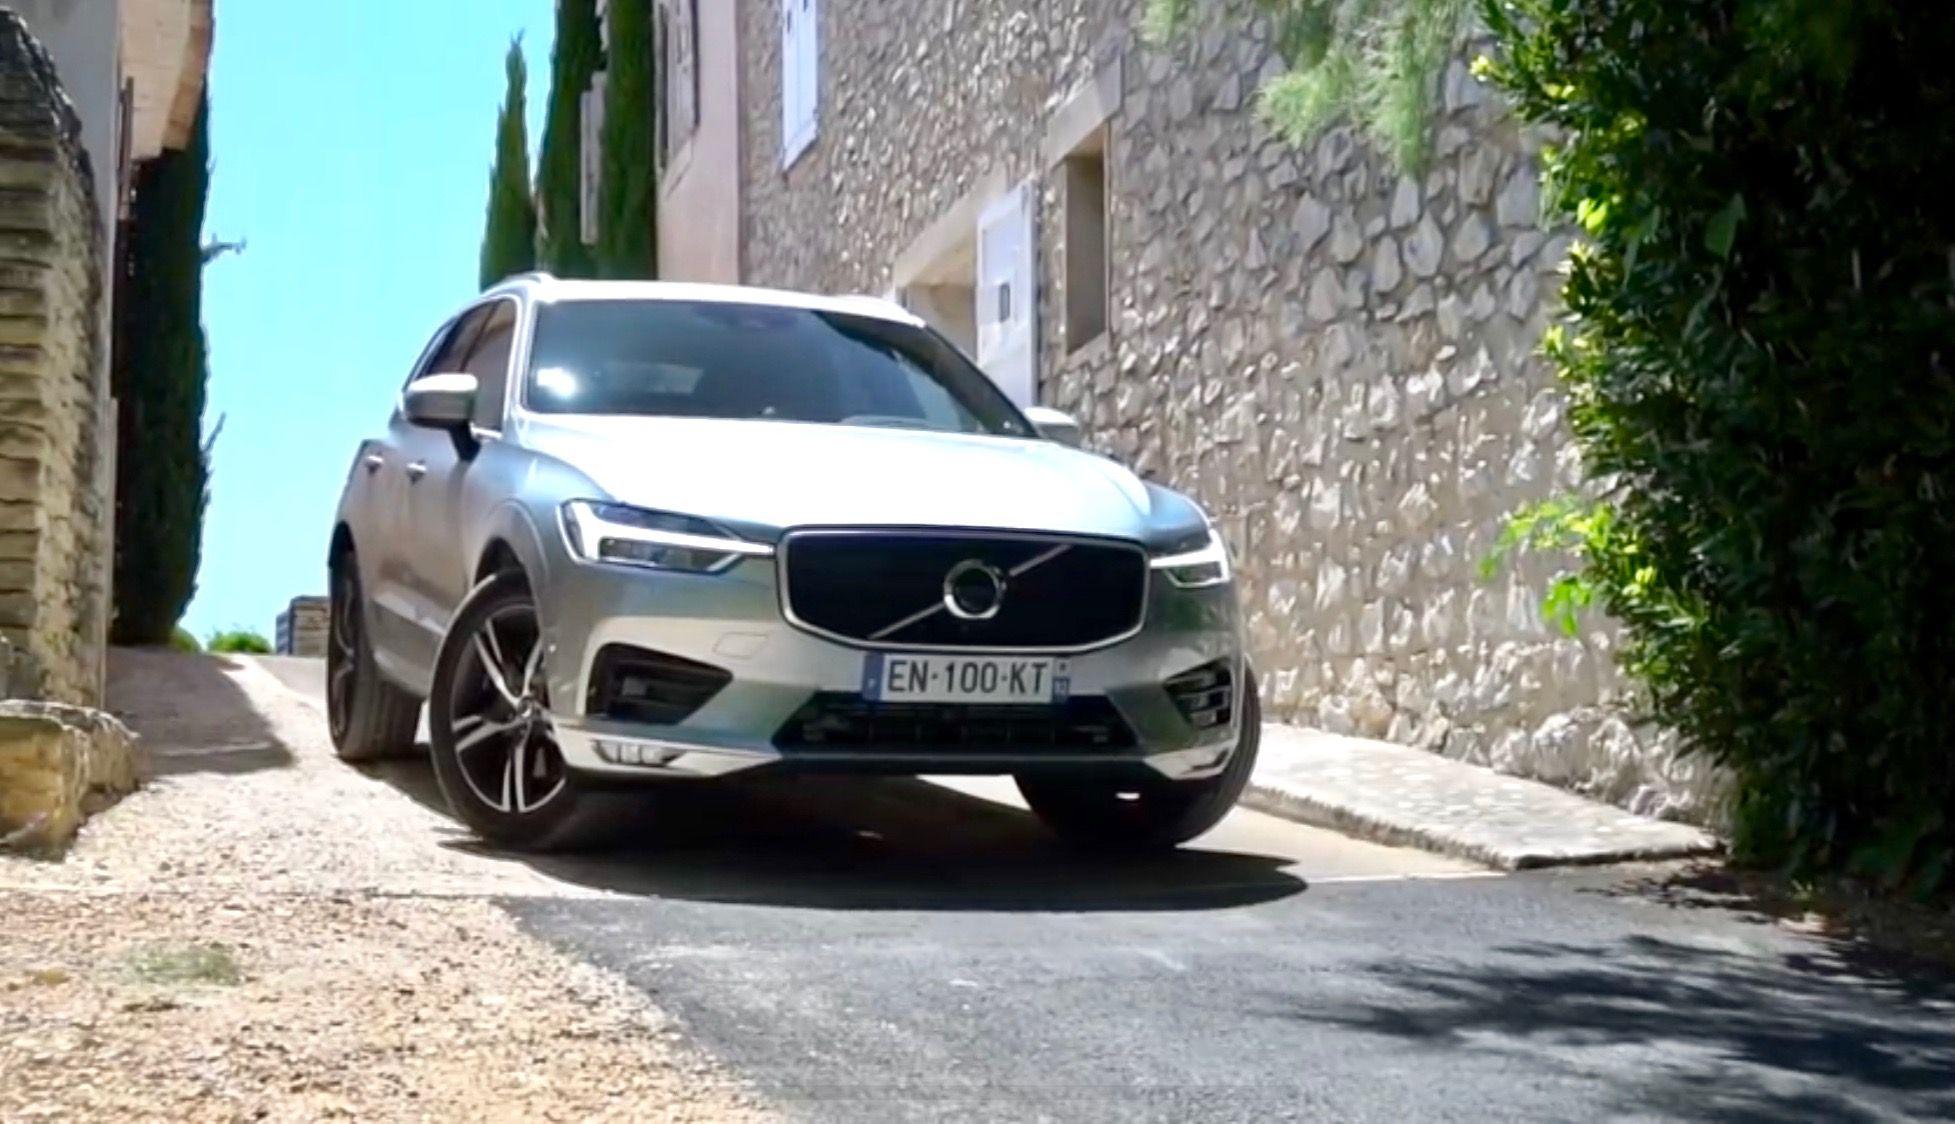 Xc60 R Design Electric Silver Volvo Bmw Bmw Car